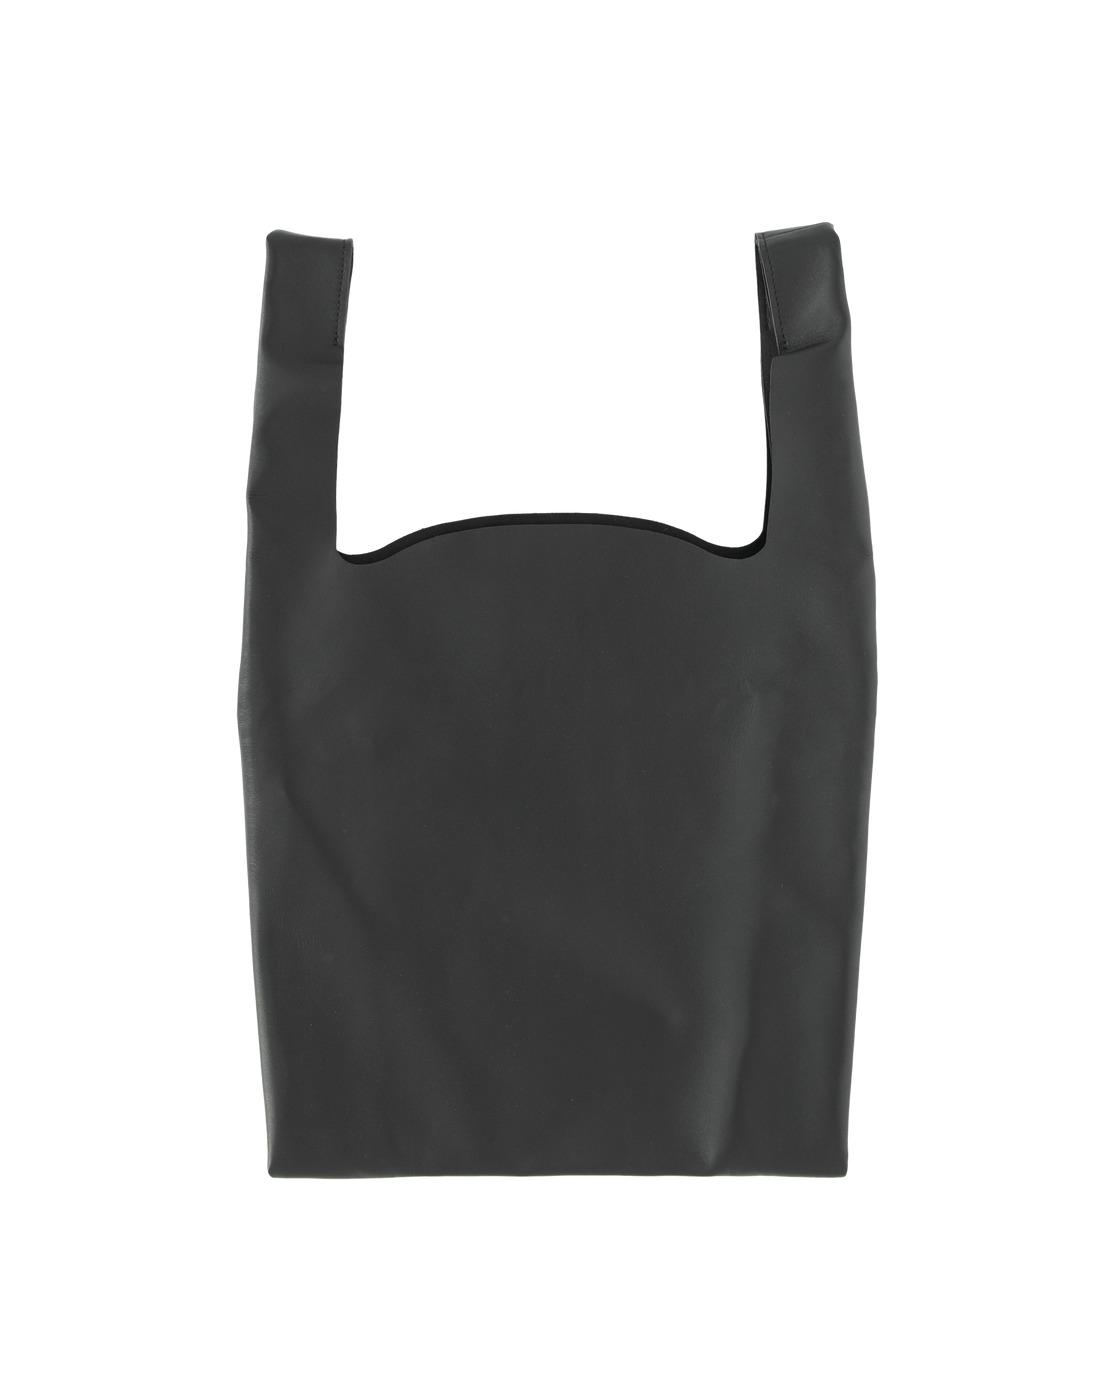 Photo: Maison Margiela Leather Shopping Bag Black